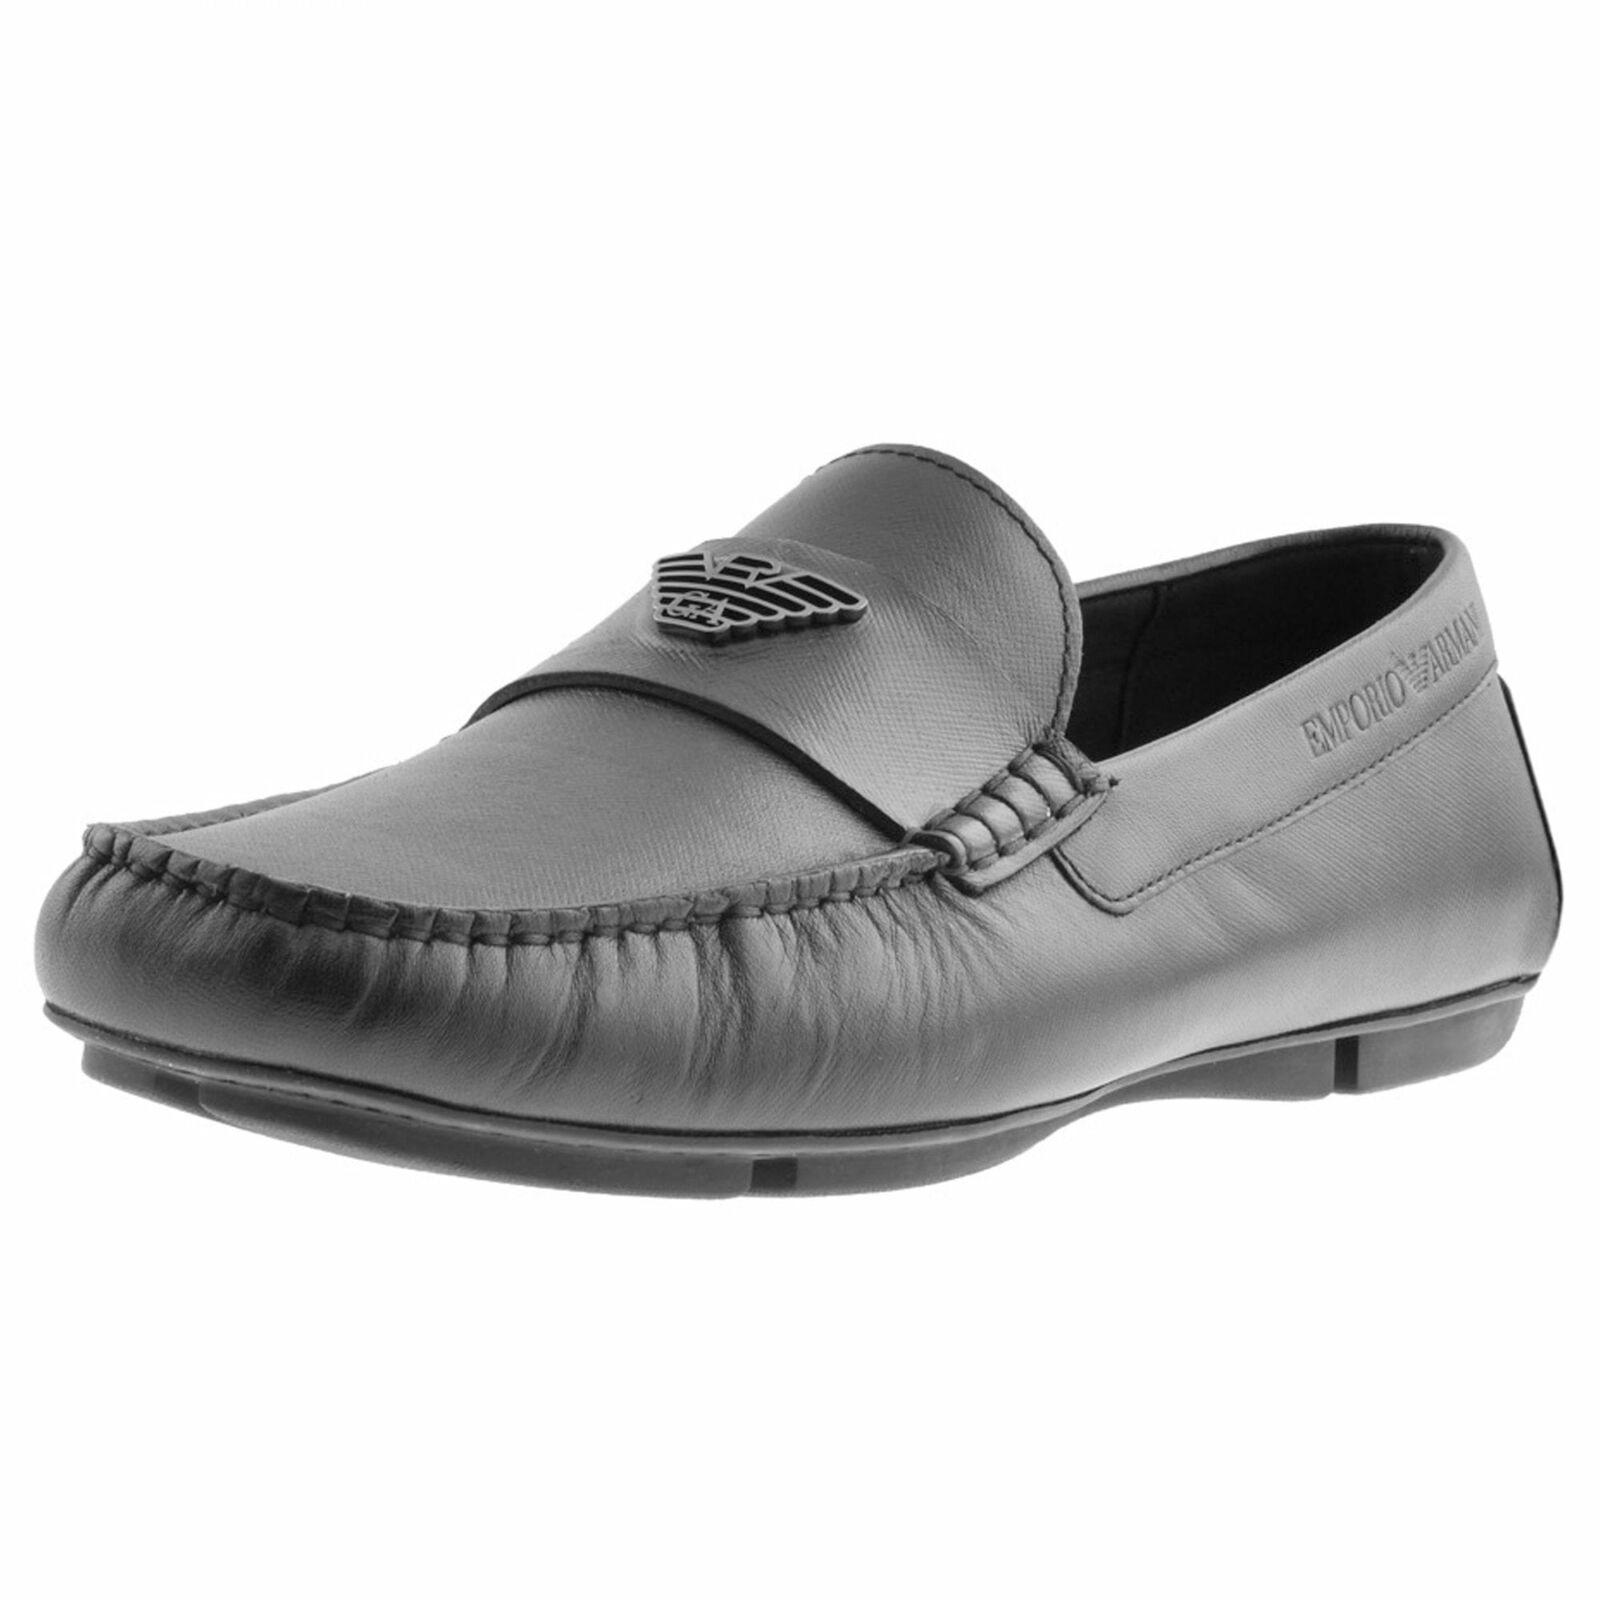 Emporio Armani Negro Cuero Sin Cordones Mocasín Zapatos X4B124 XF330